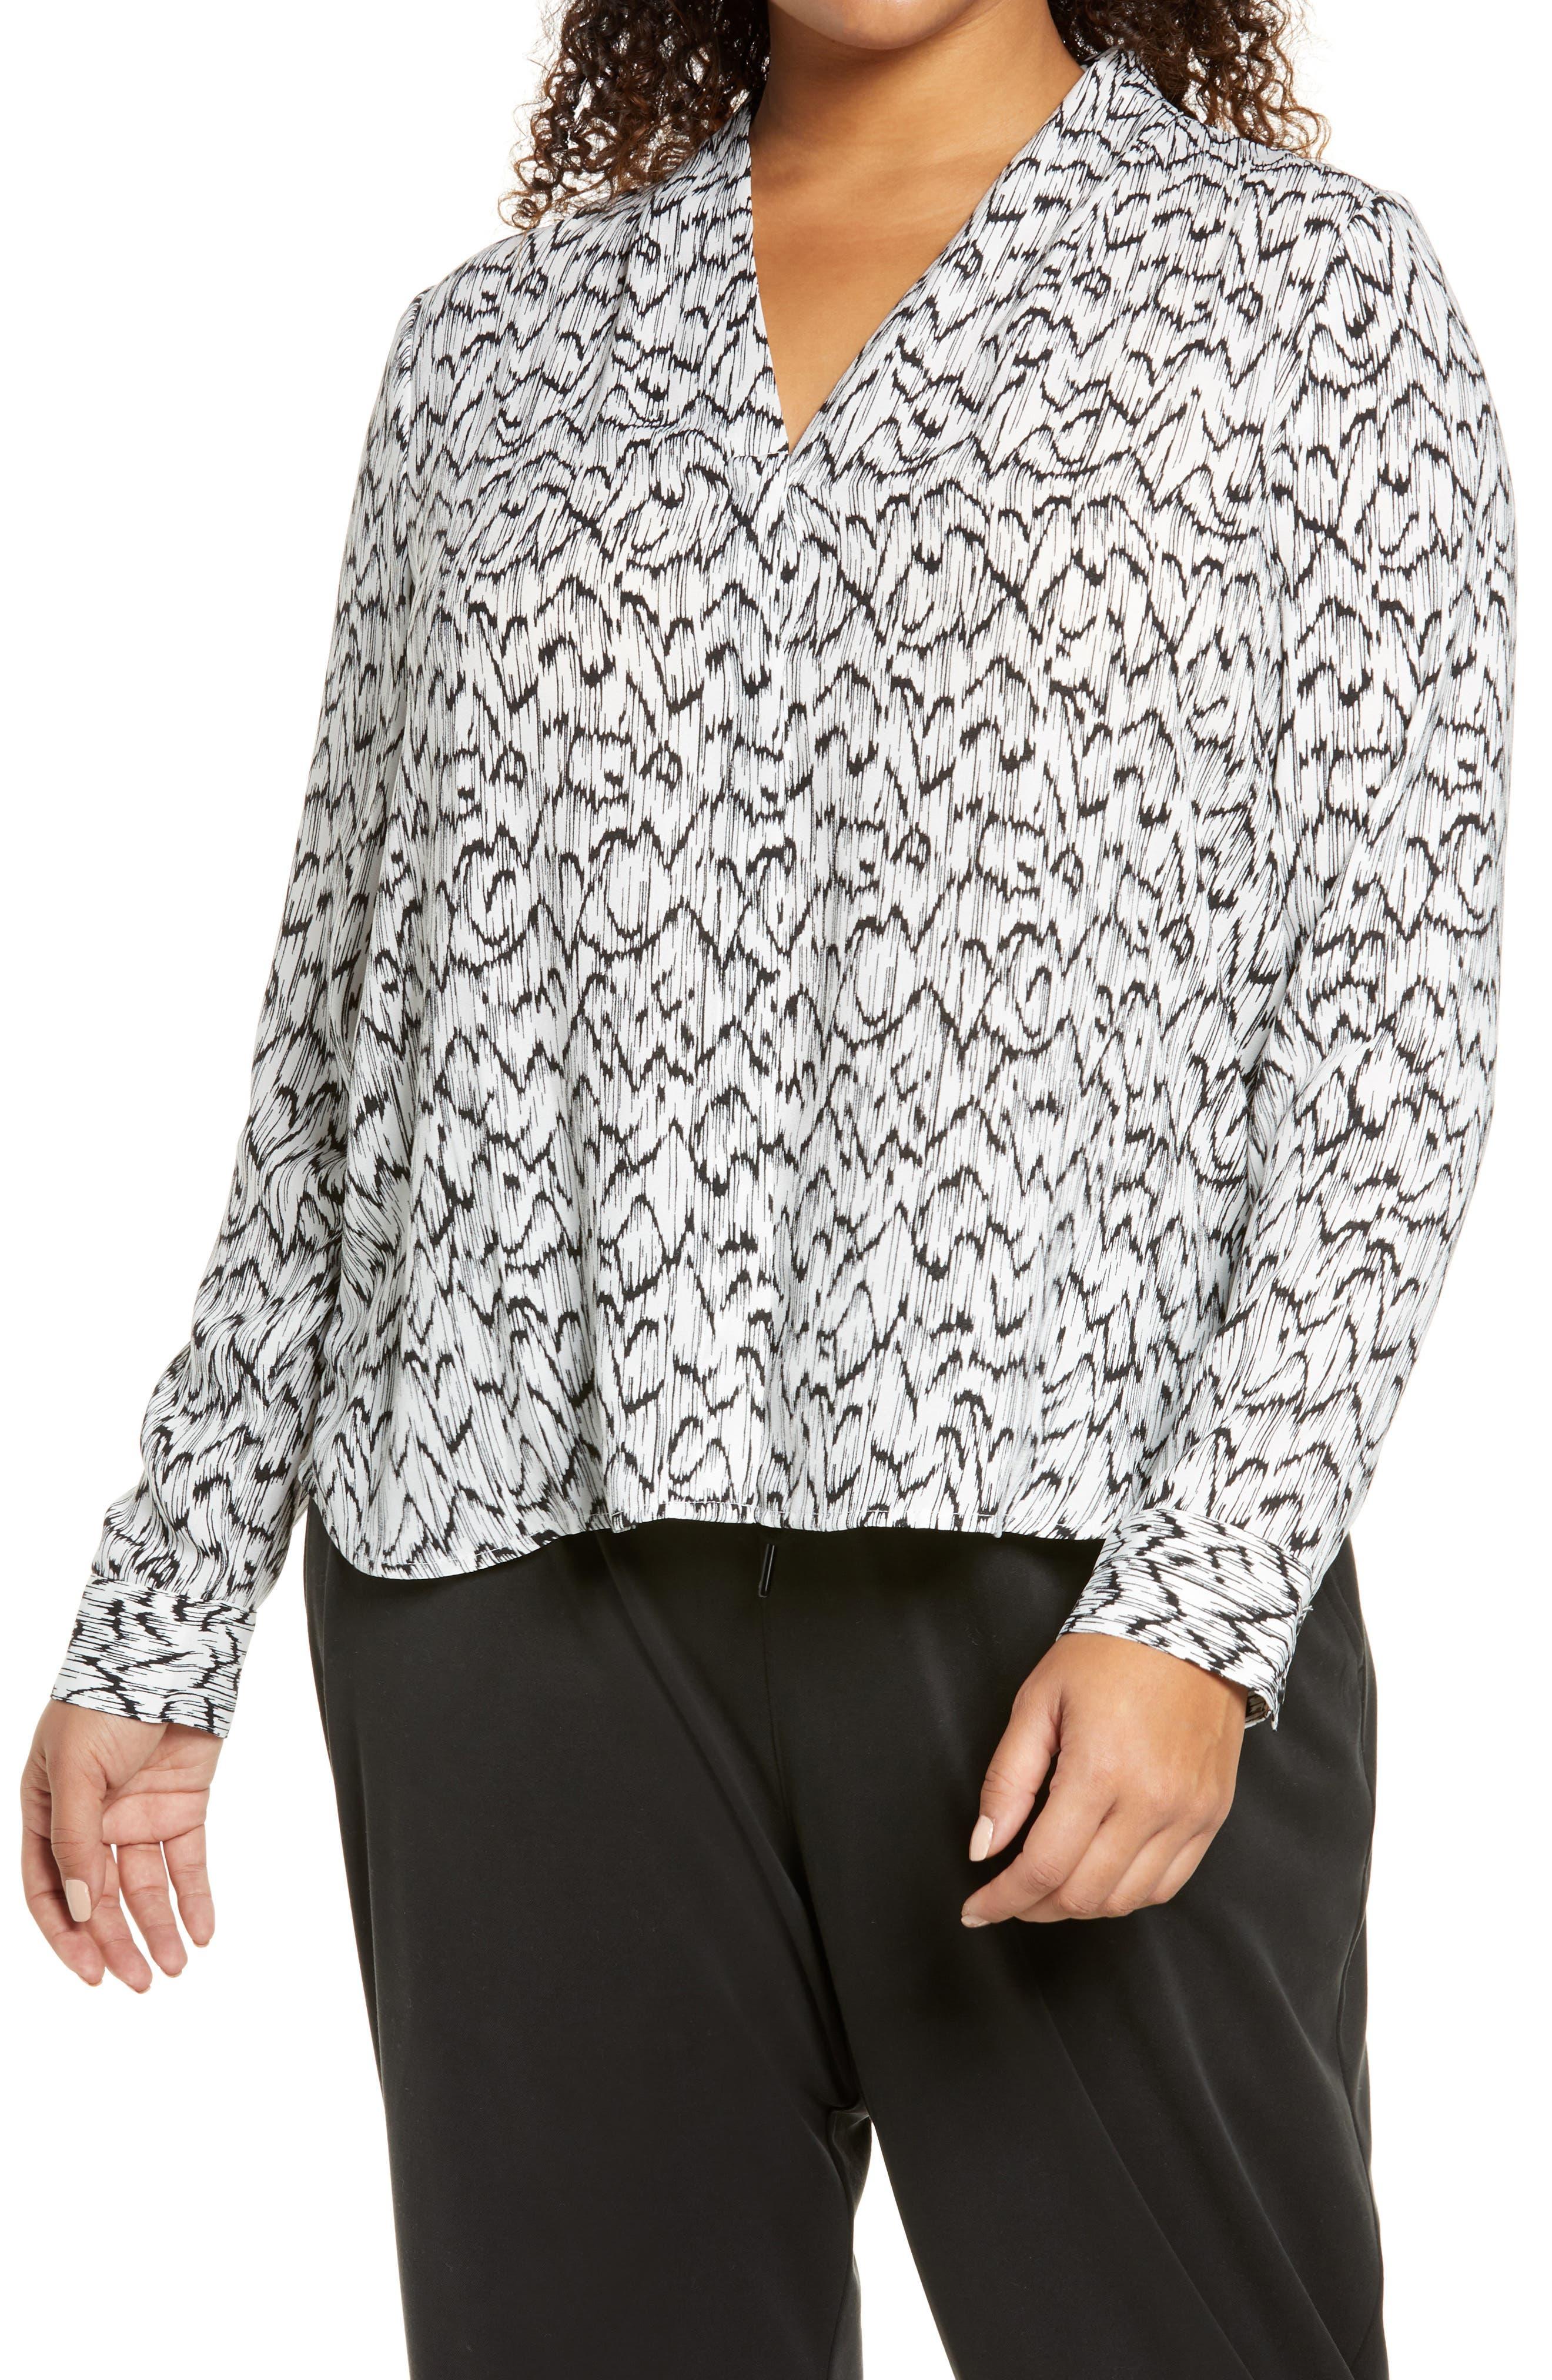 Plus Size Women's Halogen V-Neck Top